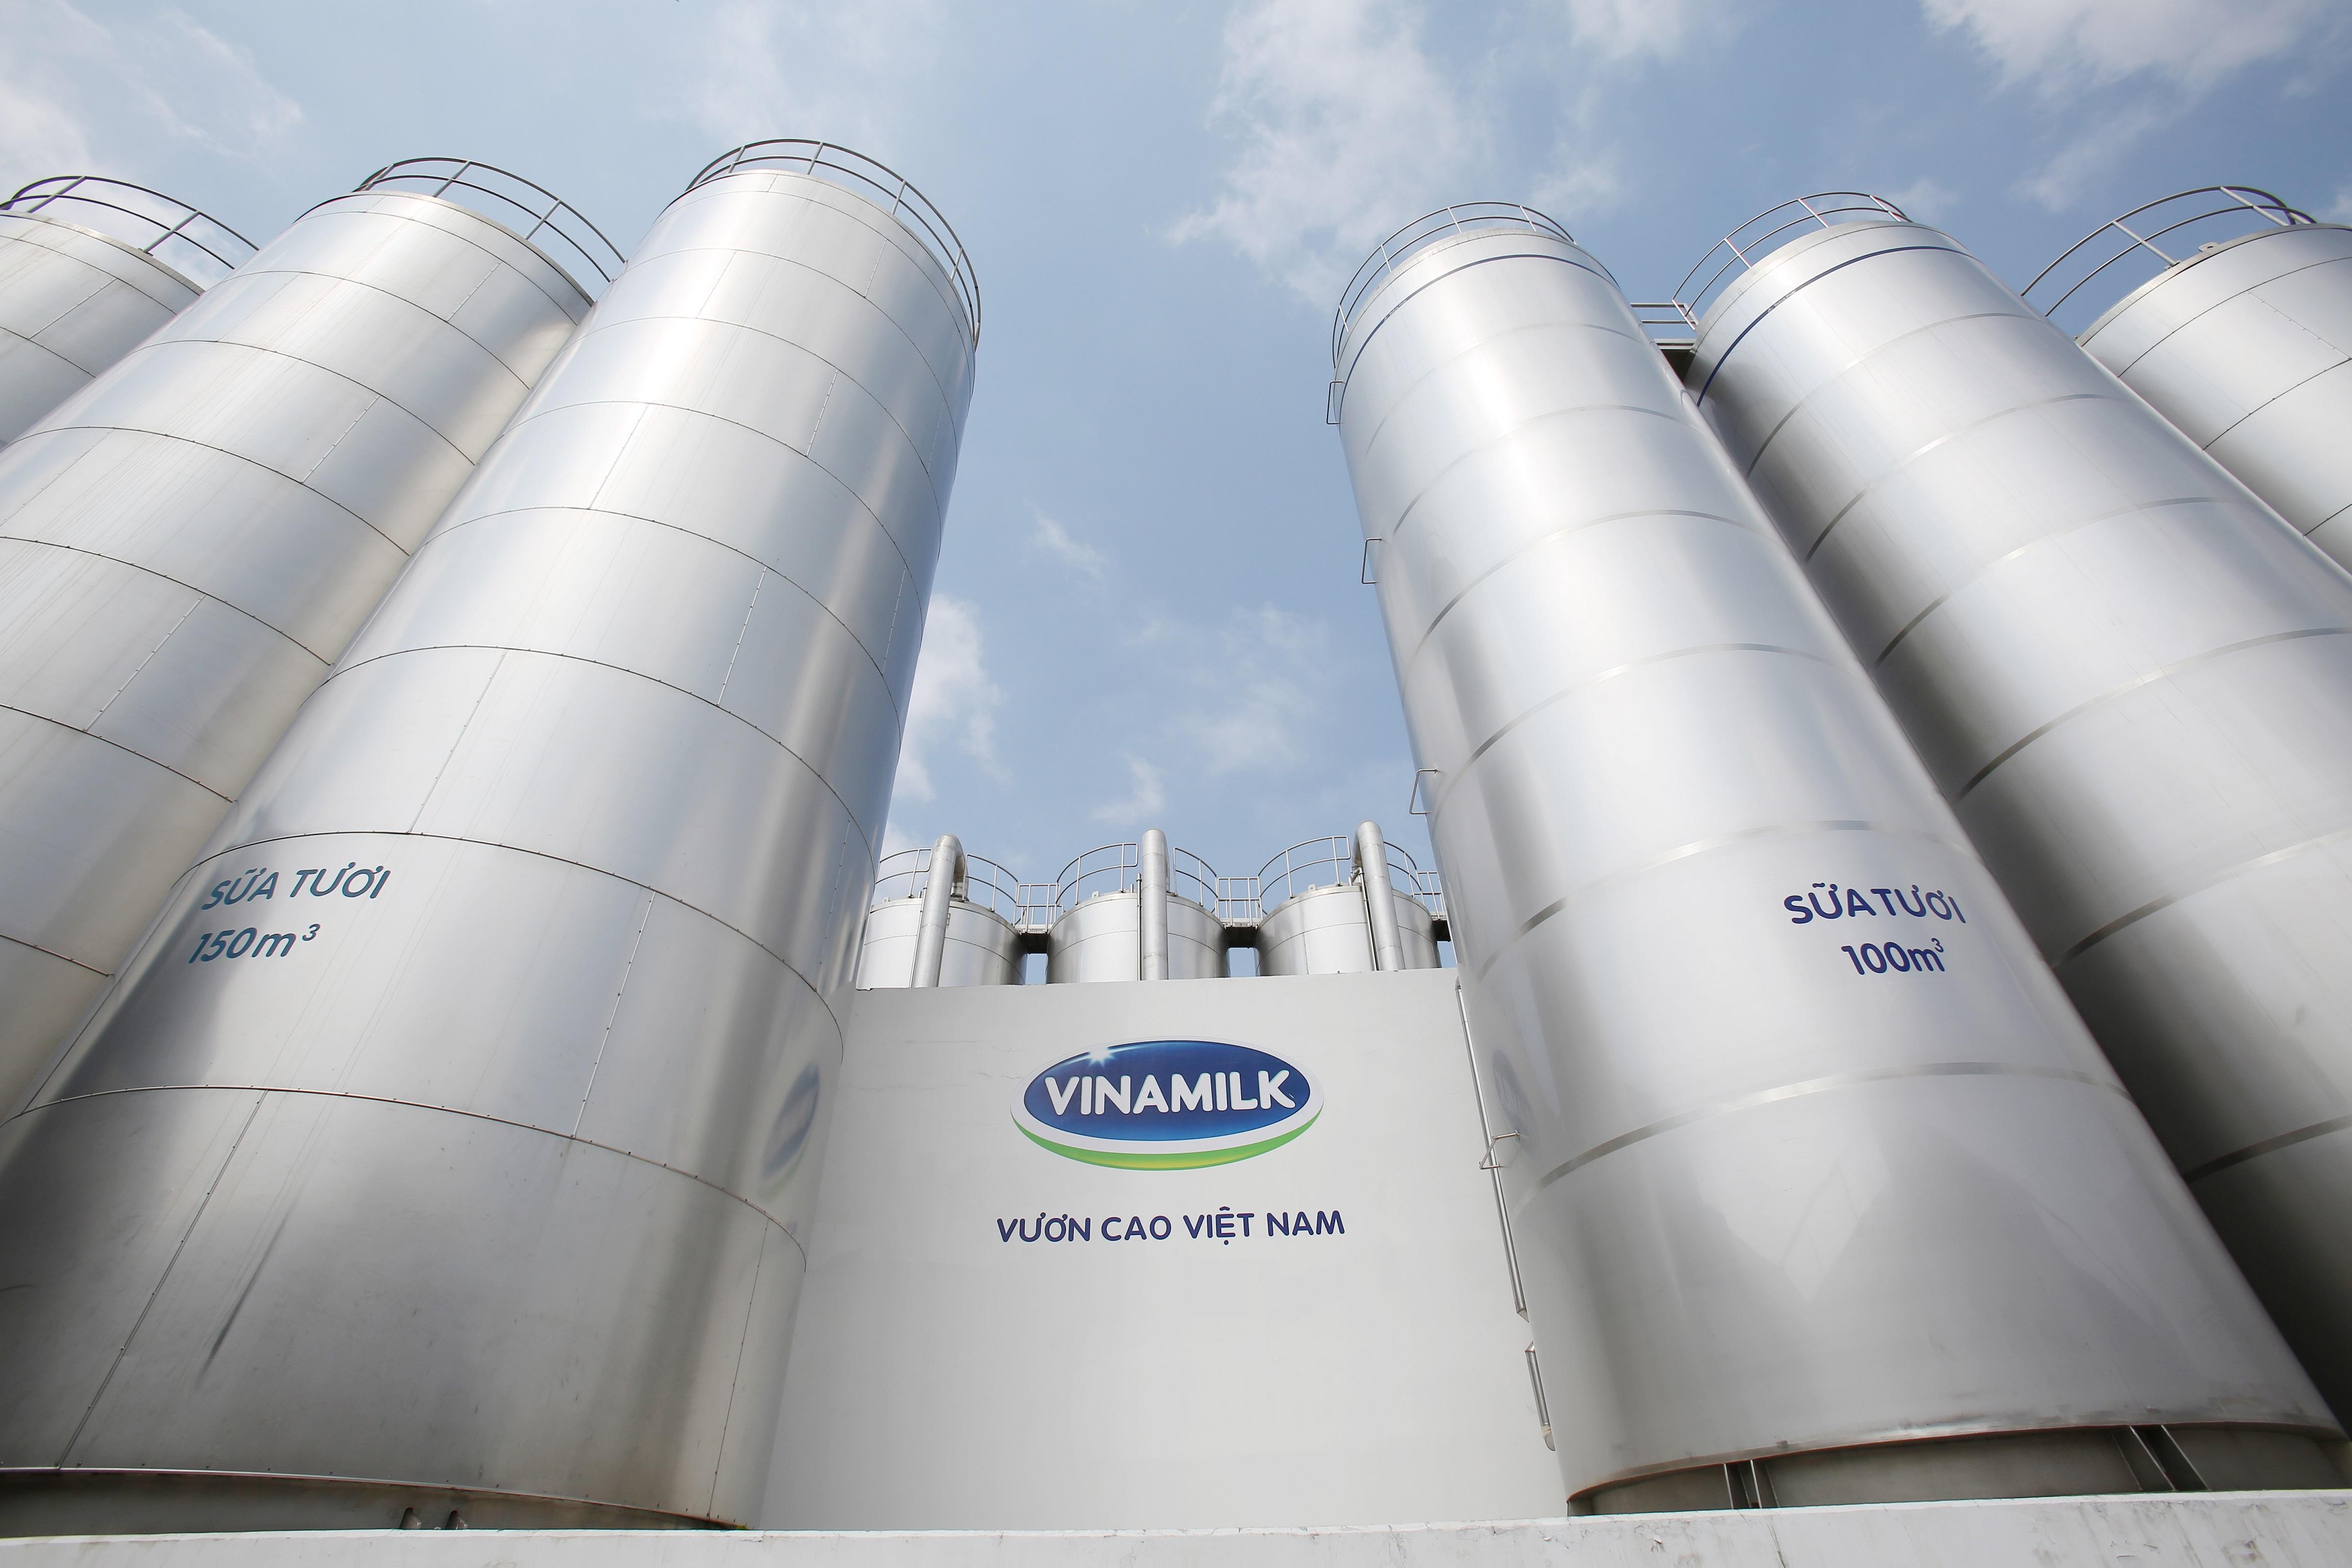 Vinamilk sở hữu hệ thống nhà máy quy mô lớn với công nghệ hiện đại, vận hành theo các tiêu chuẩn quốc tế.